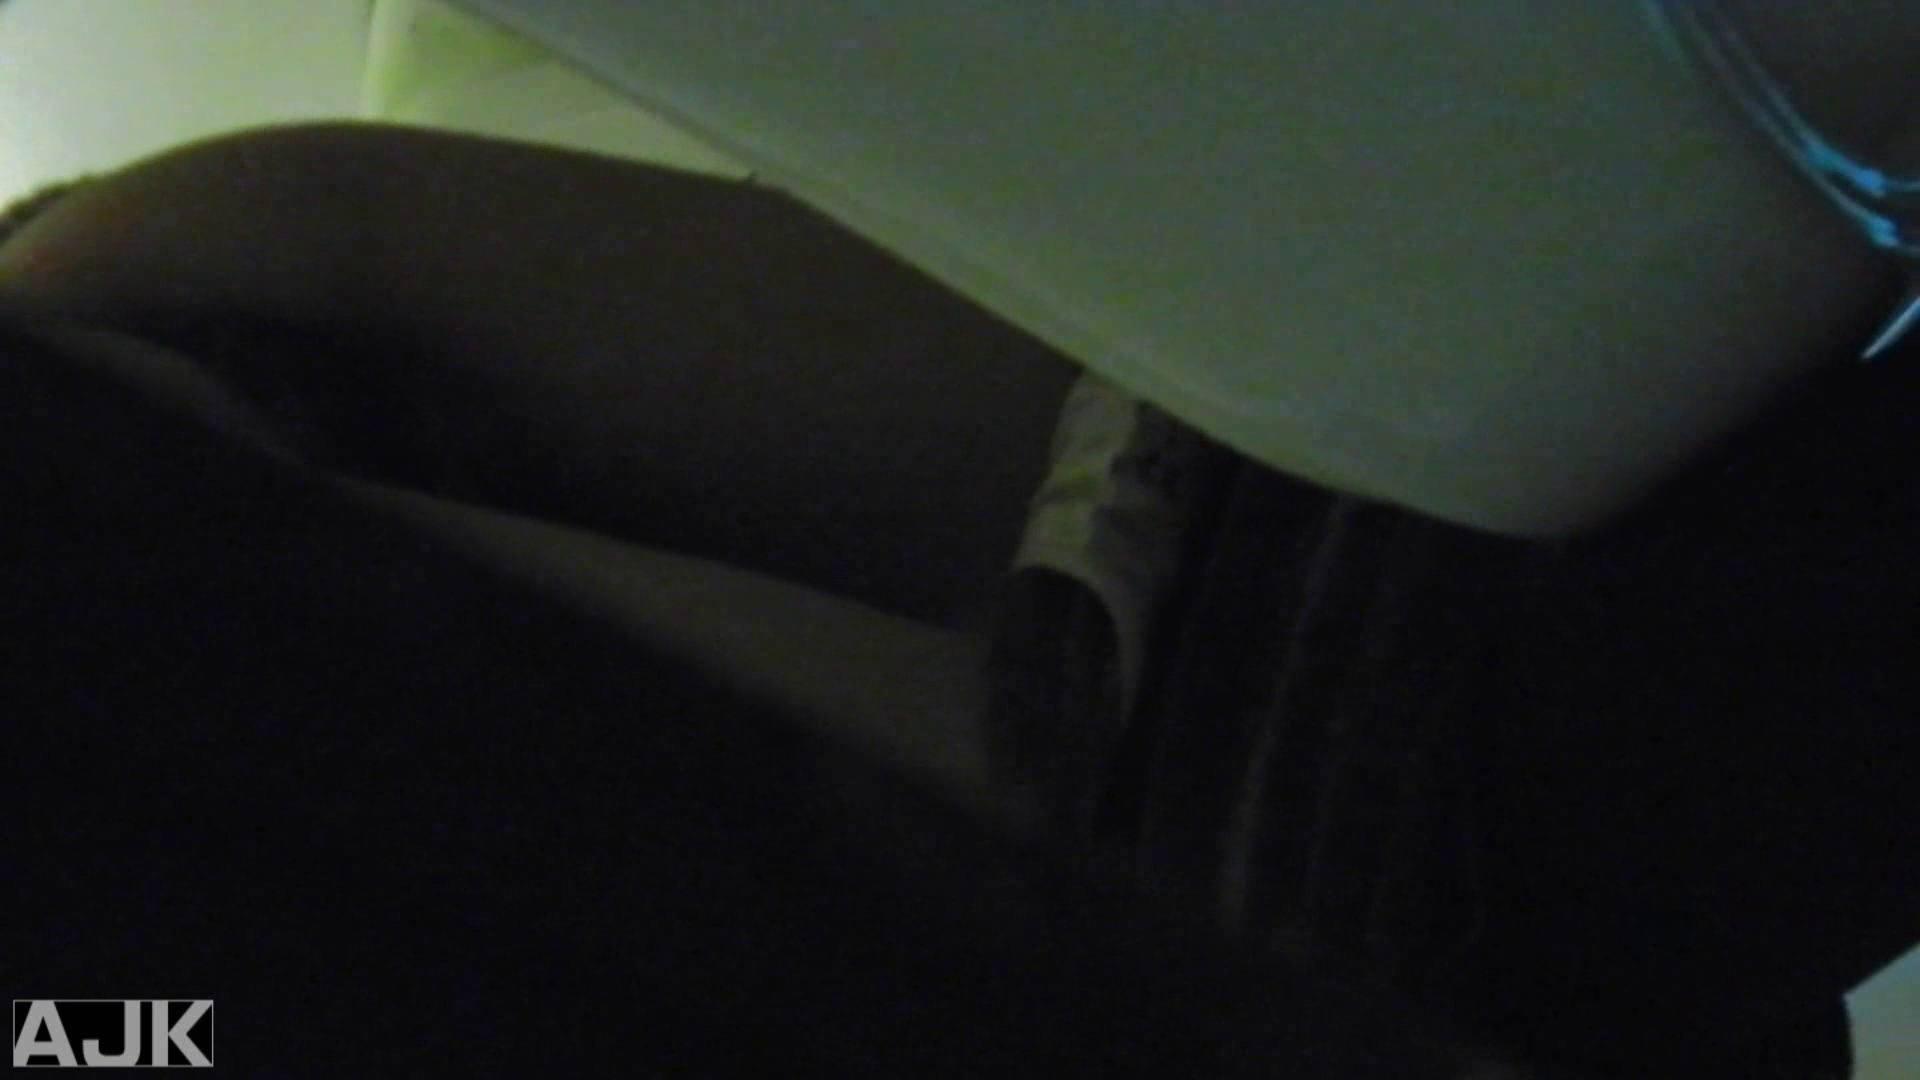 神降臨!史上最強の潜入かわや! vol.23 肛門 盗撮おめこ無修正動画無料 78PICs 27